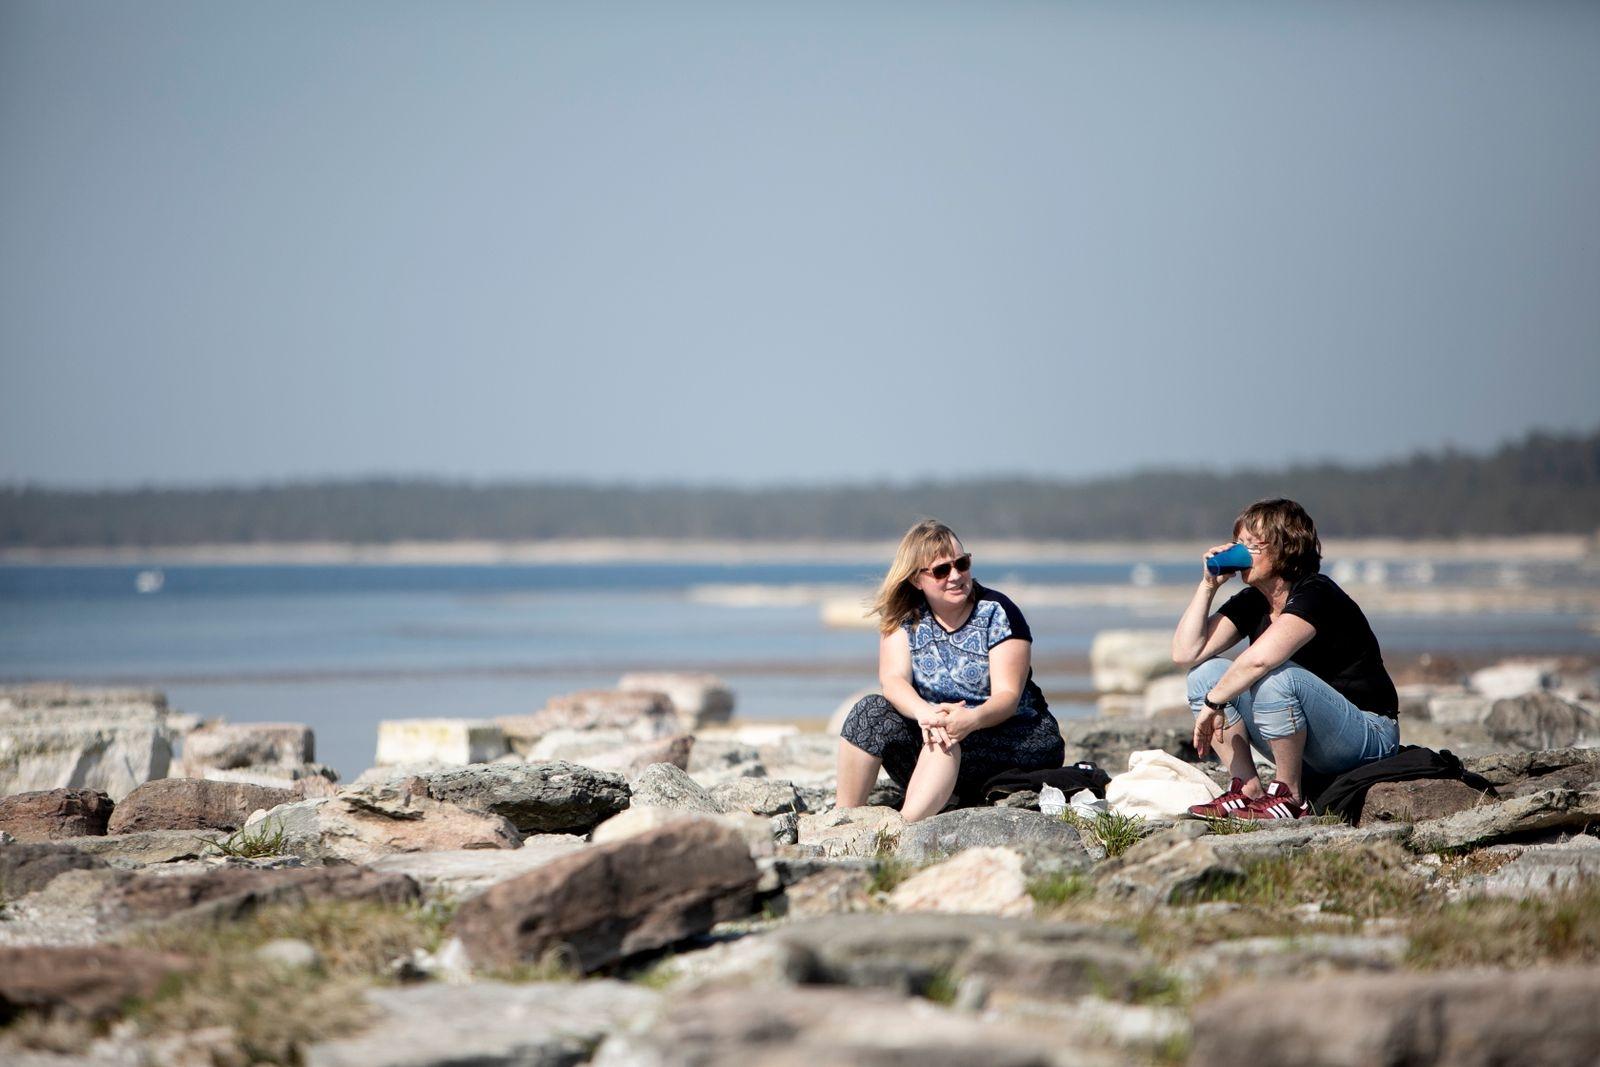 Sommarölänningen Kerstin Arnesson och väninnan Linnea Olsson får inte rösta i folkomröstningen. Men befolkningsmässigt och geografiskt verkar det rimligt med en kommun, tycker de.